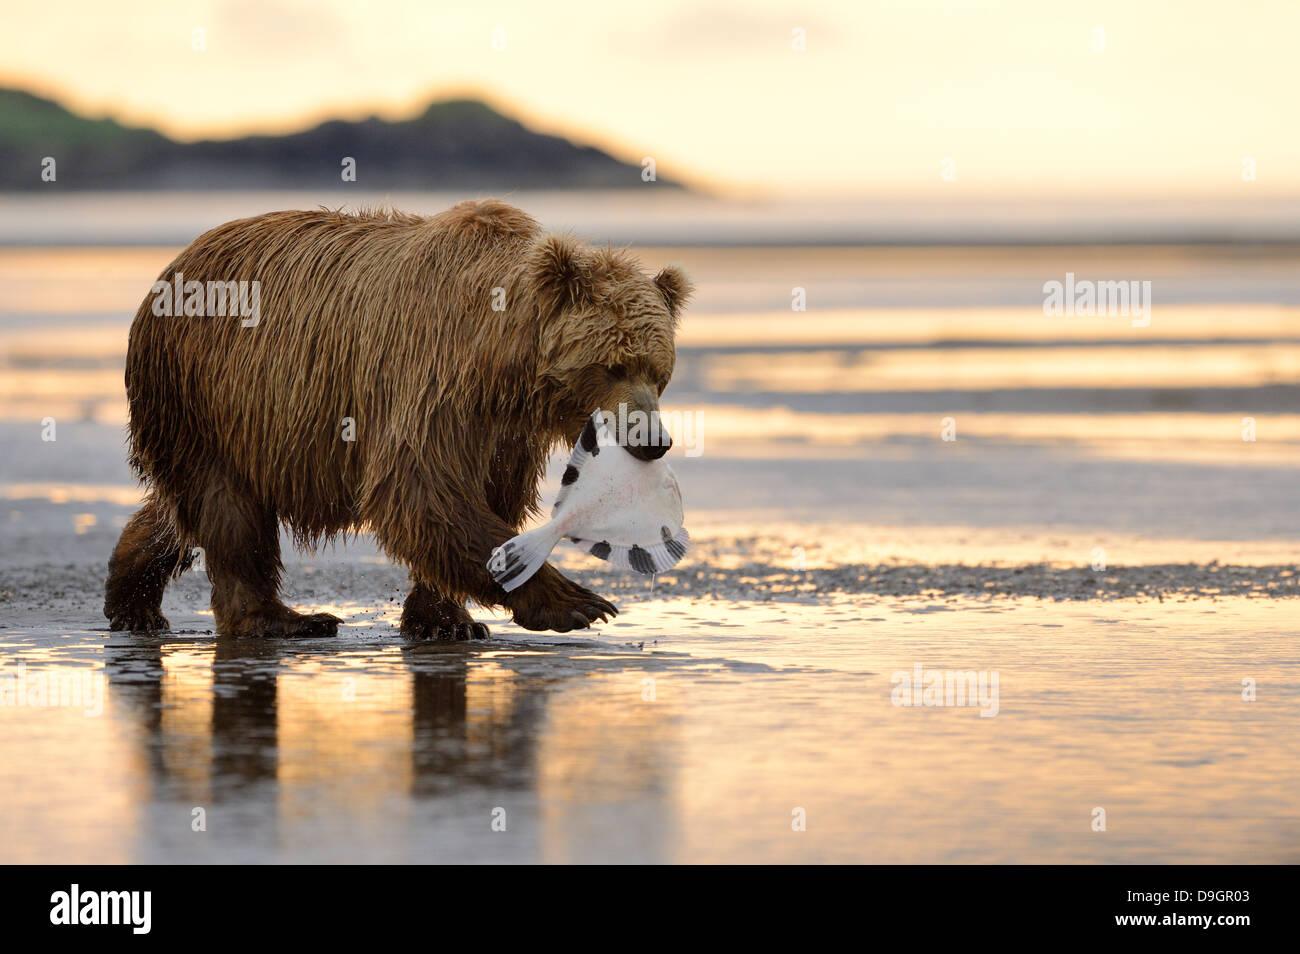 Grizzly Bear walking mit gefangenen Fisch im Mund Stockbild